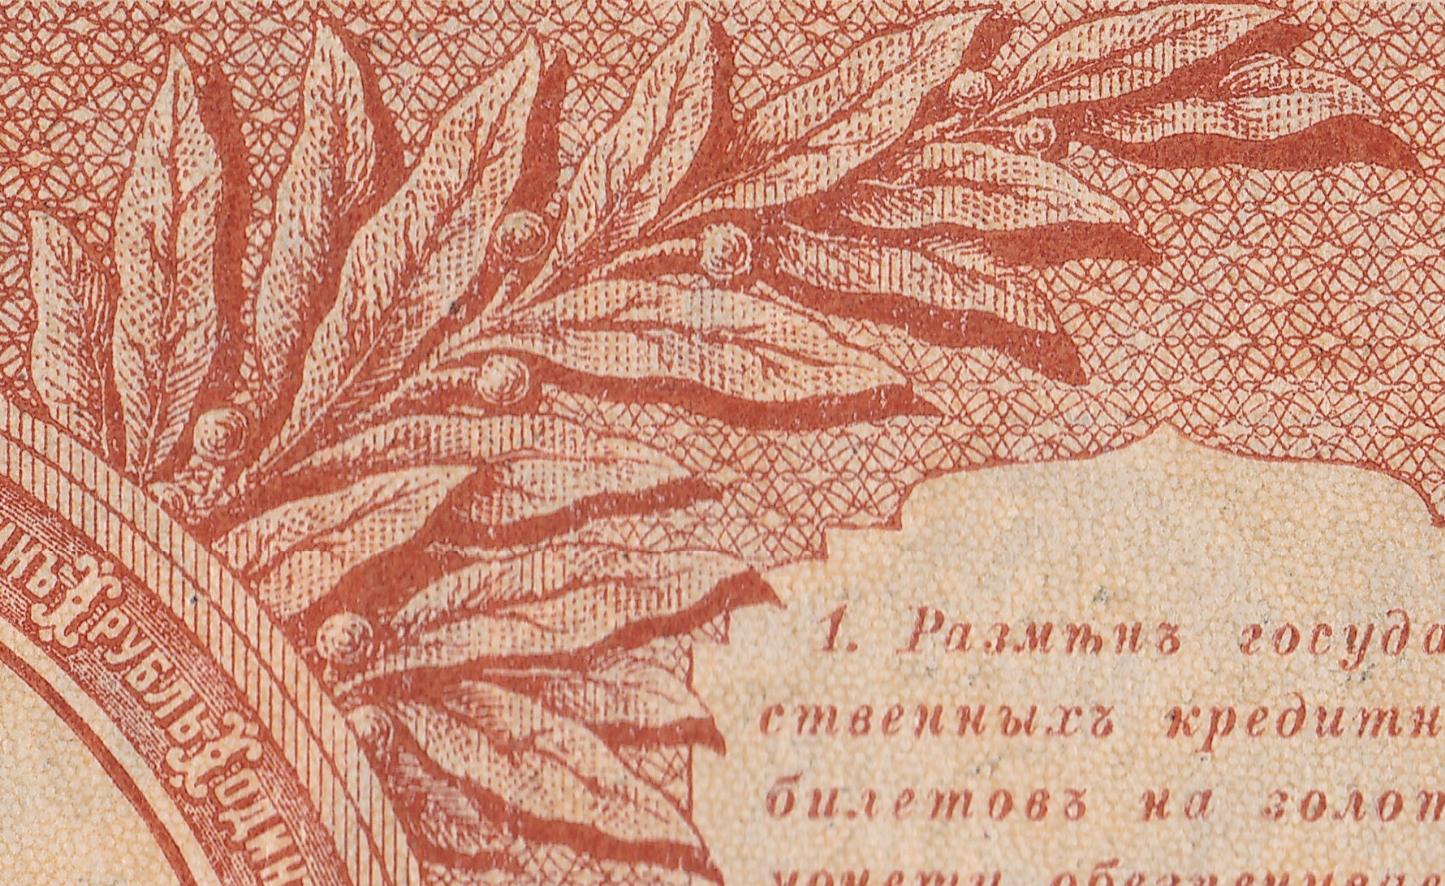 Императорский «Билетик» 1898-го года во всей красе.